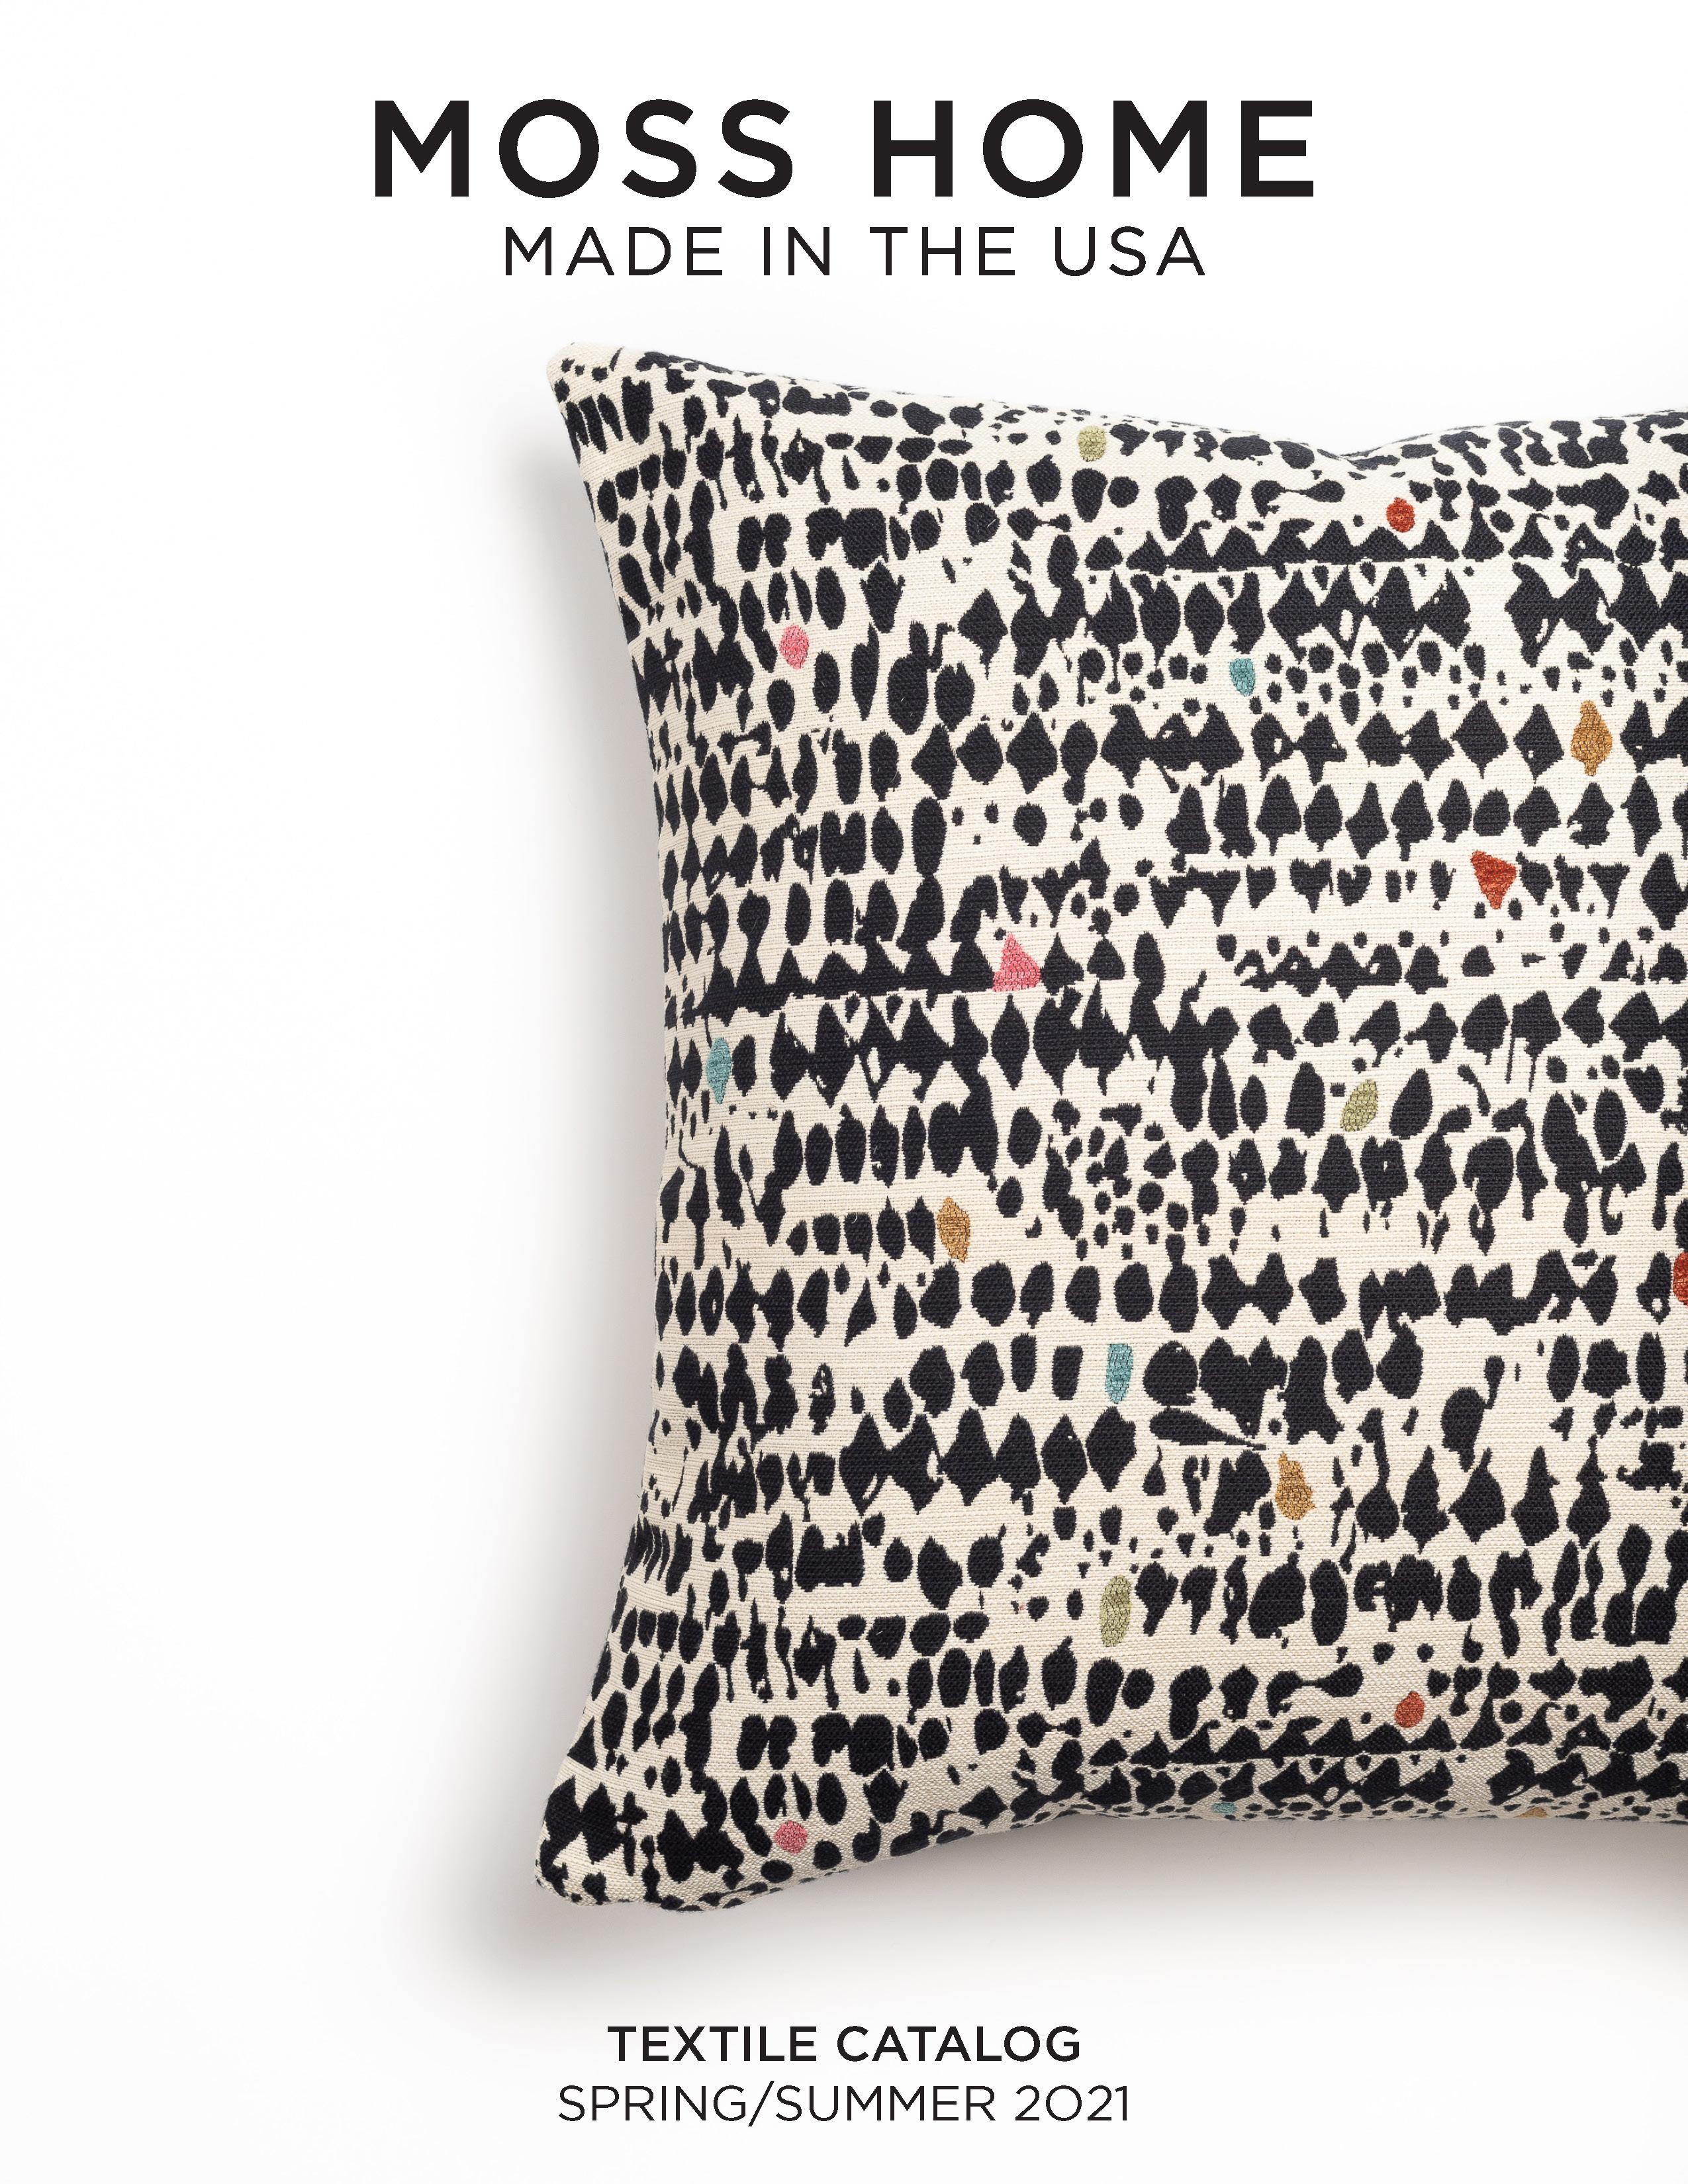 moss home textile catalog